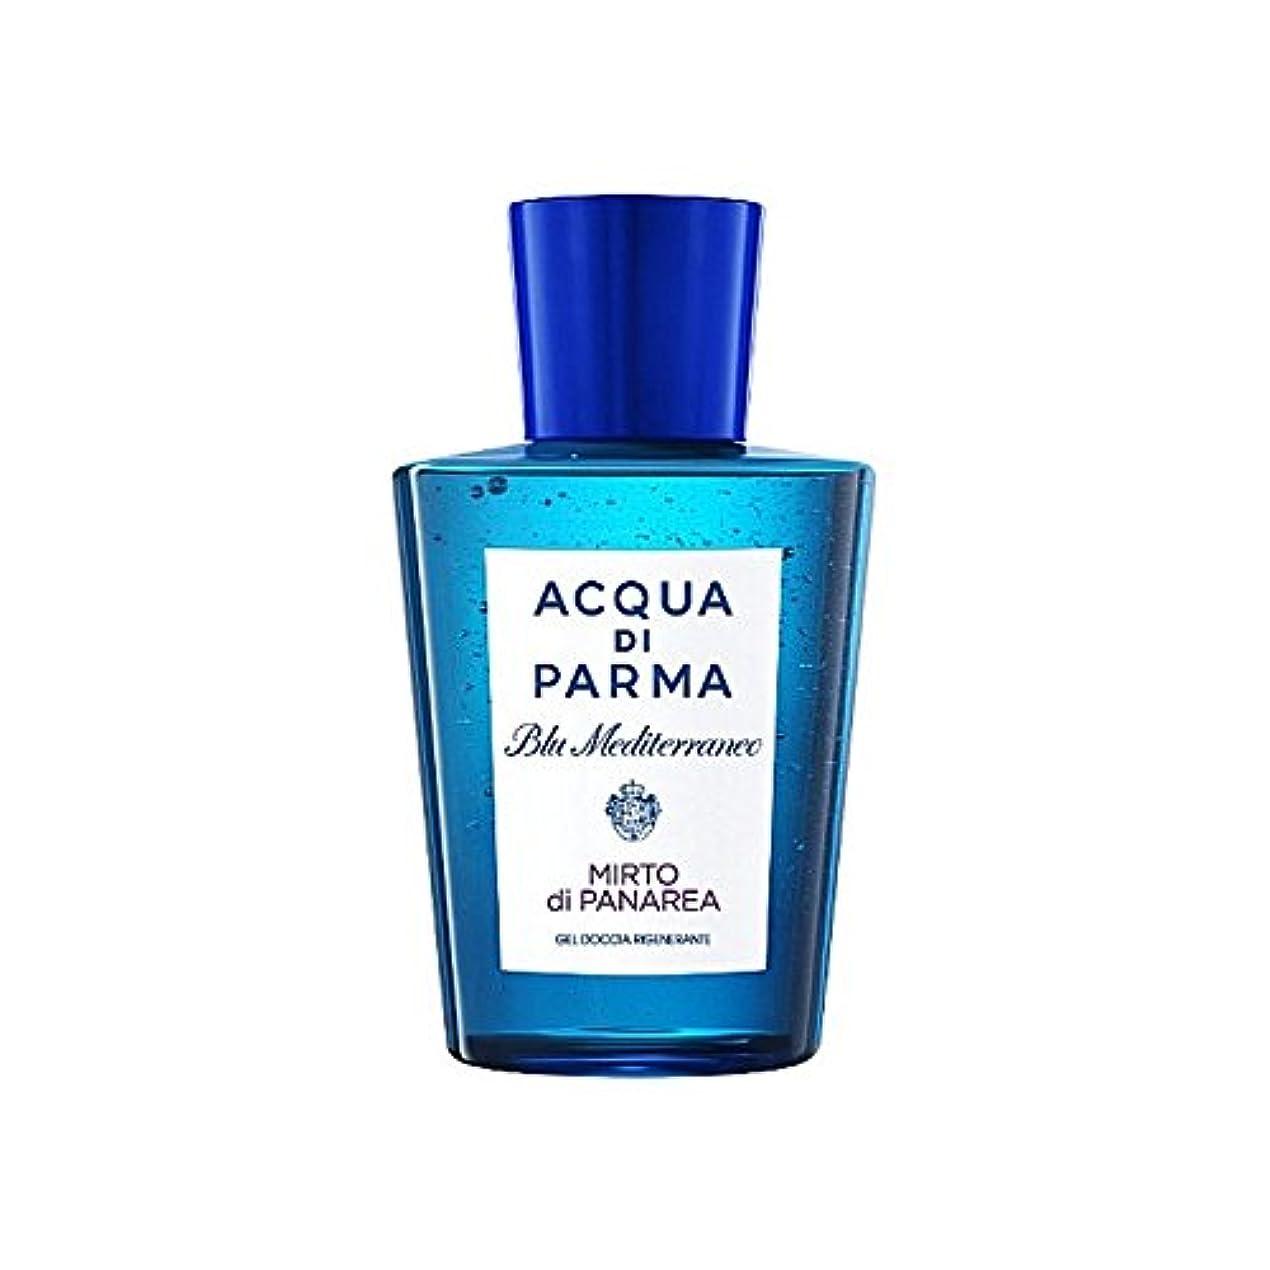 アイザック対人二週間Acqua Di Parma Blu Mediterraneo Mirto Di Panarea Shower Gel 200ml - アクアディパルマブルーメディミルトディパナレアシャワージェル200 [並行輸入品]